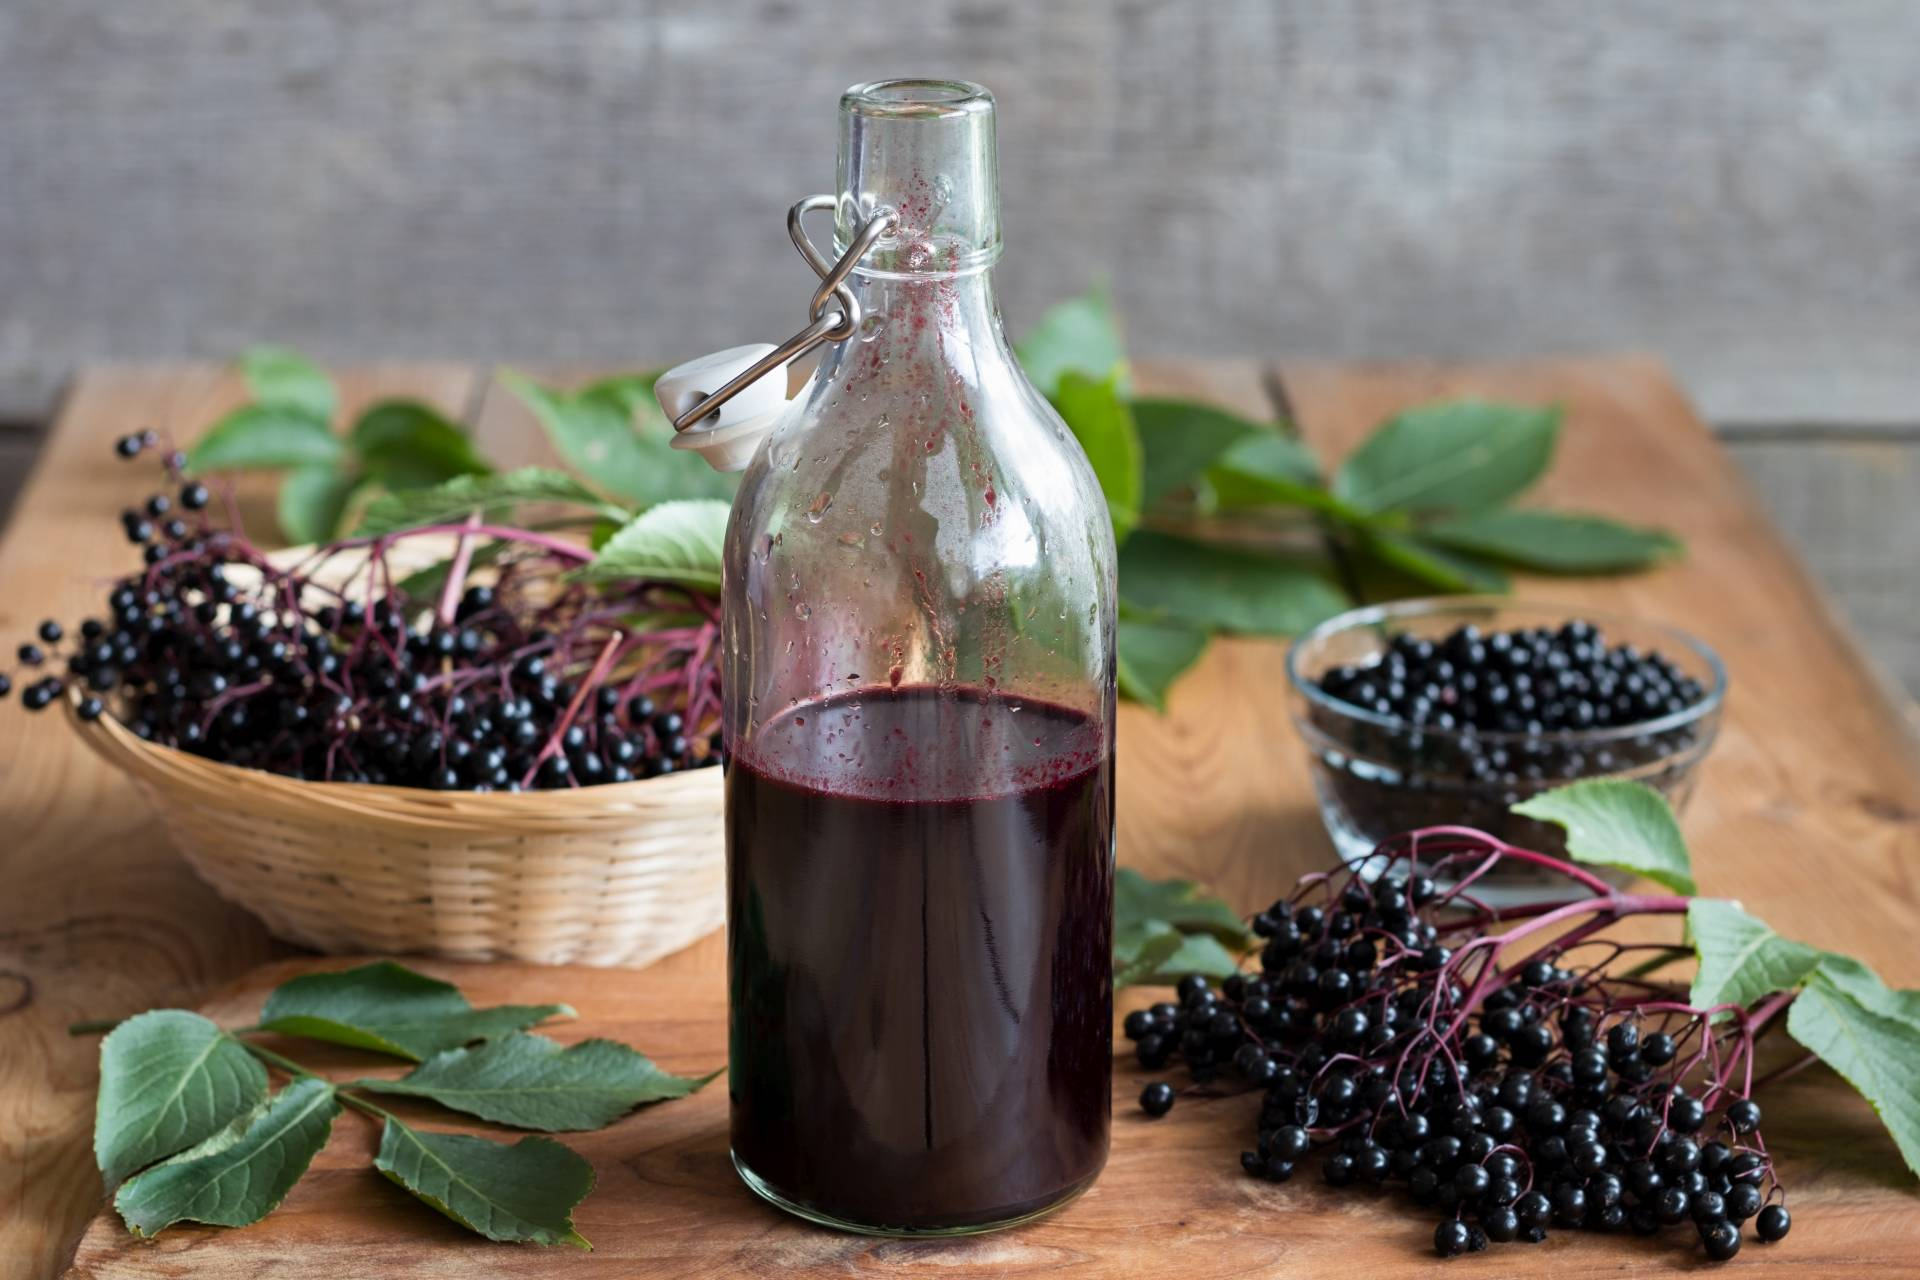 Przepis na sok z czarnego bzu. Butelka z sokiem z owoców czarnego bzu stoi na drewnianym stole. Obok leży koszyk wiklinowy i szklana miseczka z owocami czarnego bzu, wokół rozrzucone liście i łodygi z owocami.